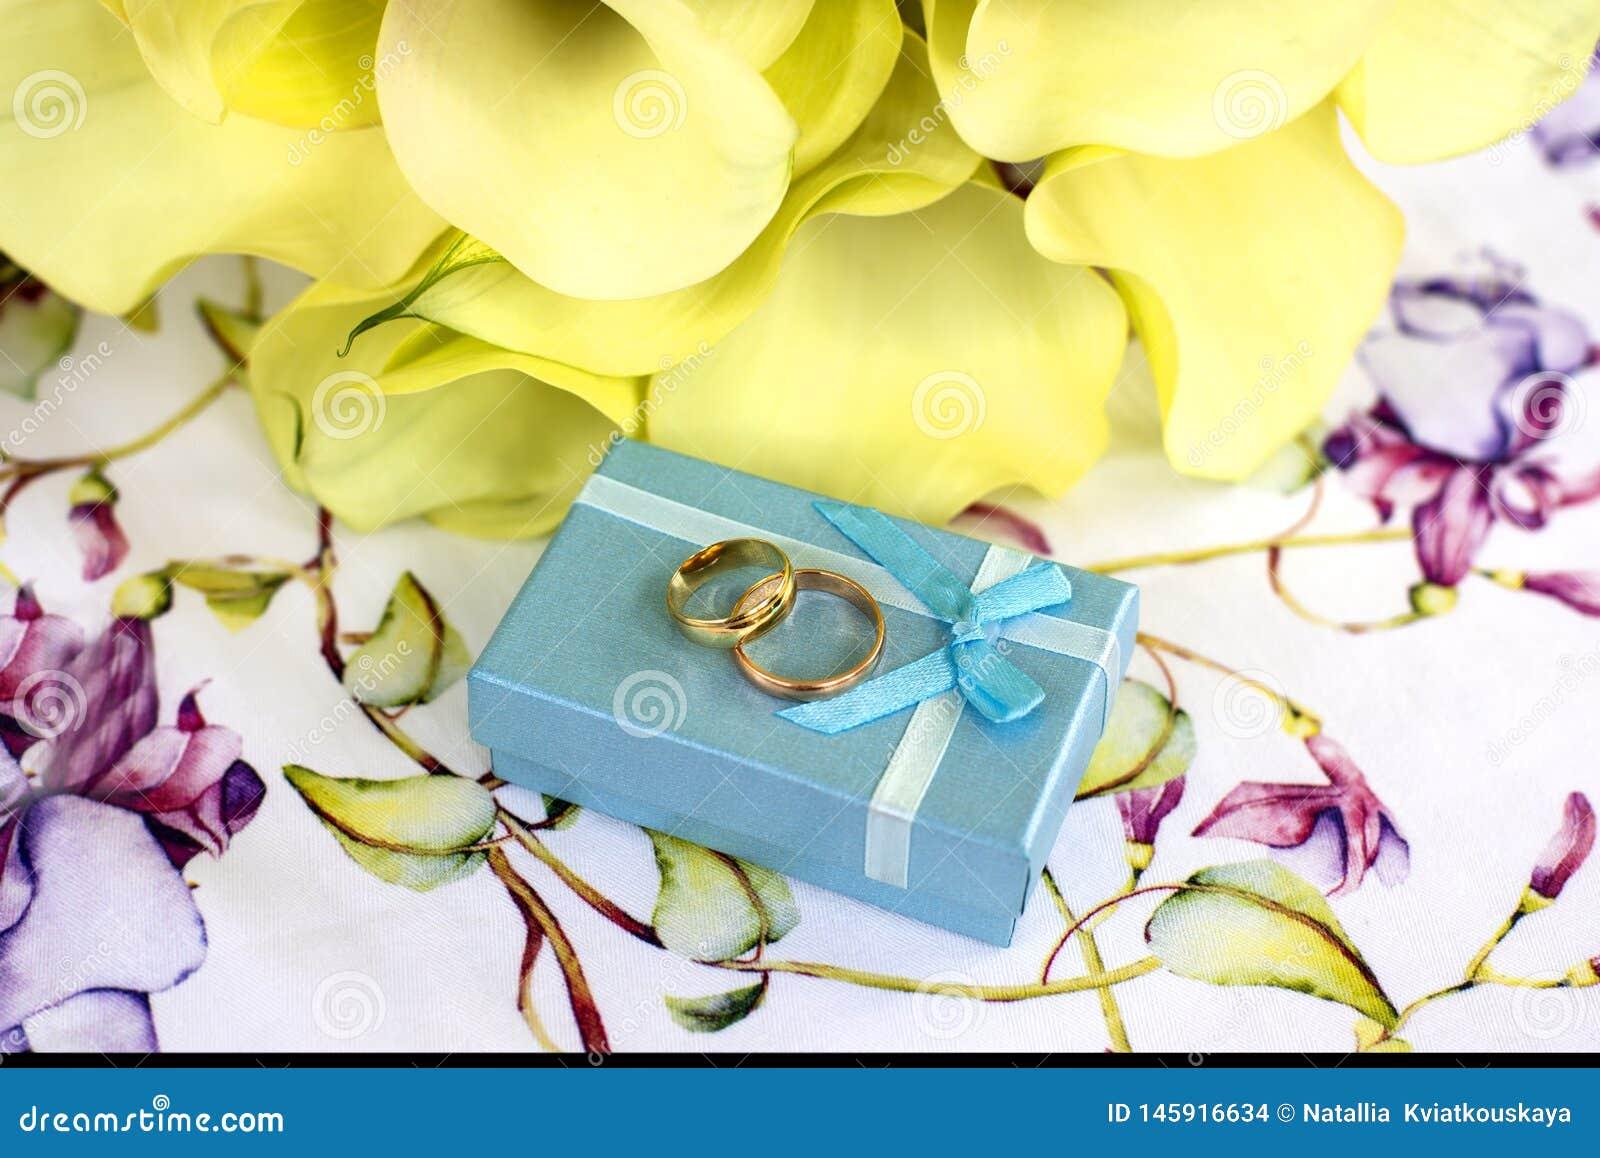 在桌和花束上的结婚戒指